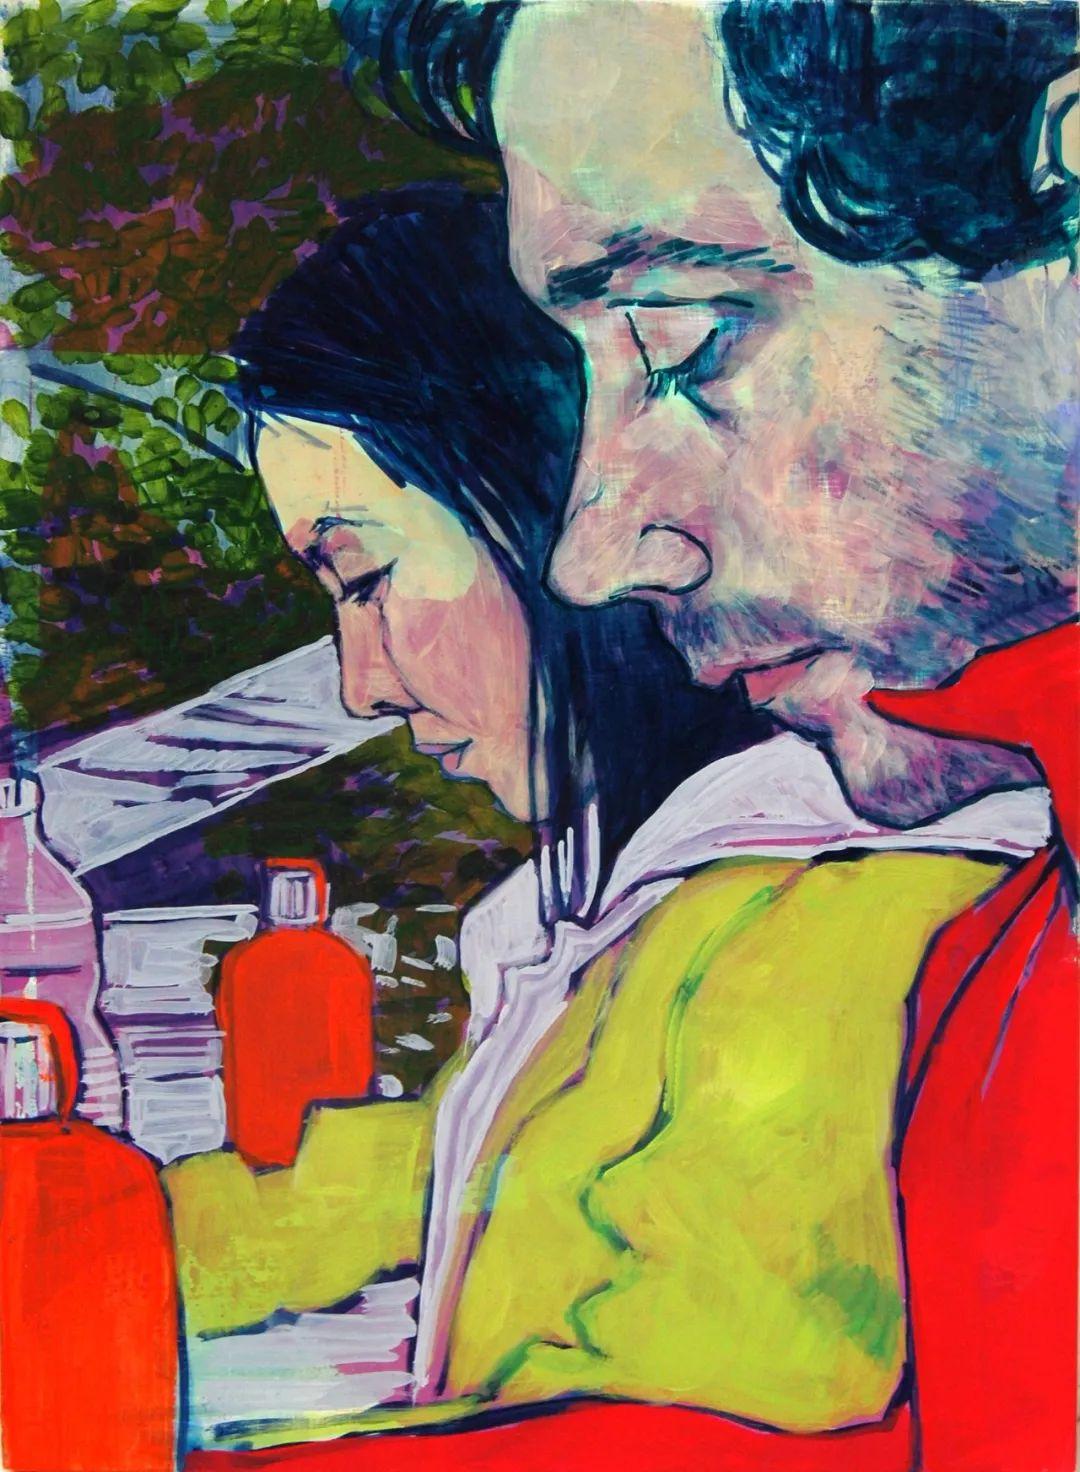 用平静的笔触描绘强烈的感情,美国艺术家Hope Gangloff作品选插图51